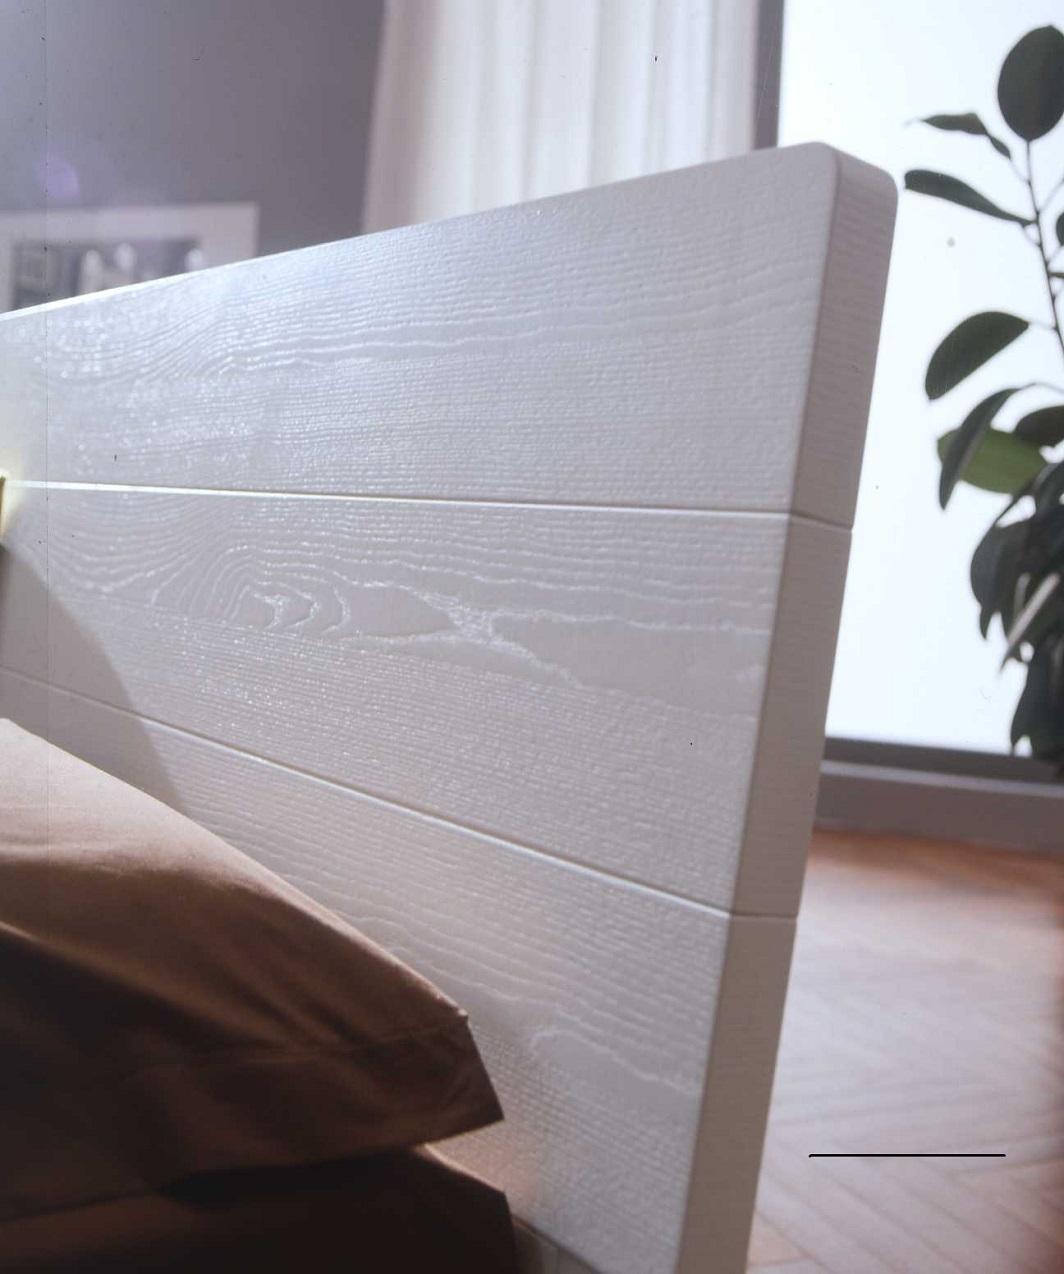 Letto cenedese blink matrimoniale moderno legno letti a - Letto moderno legno ...